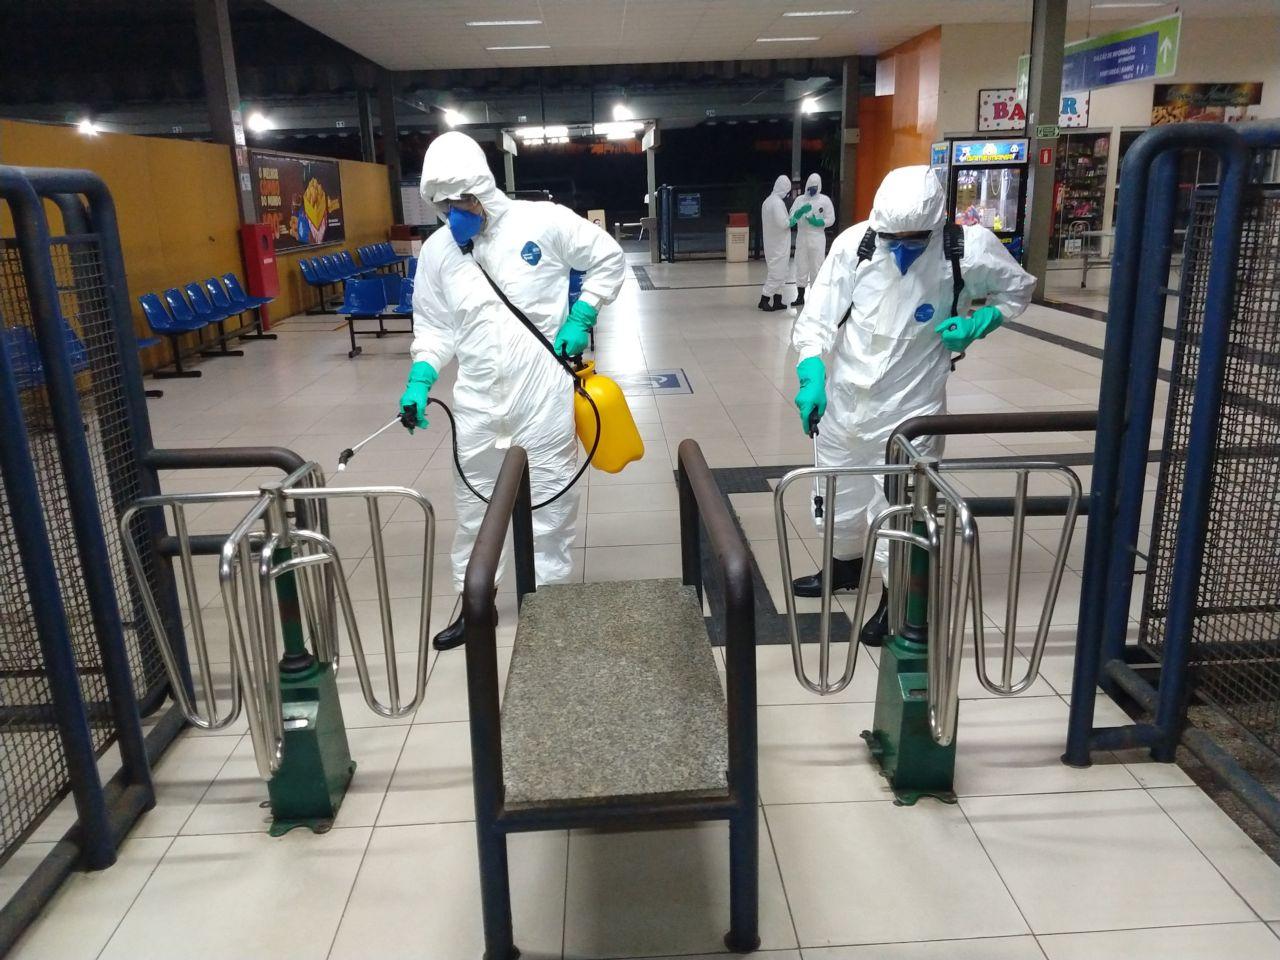 Desinfecção da Rodoviária de Natal, em ação de enfrentamento ao novo coronavírus em locais de grande circulação de pessoas